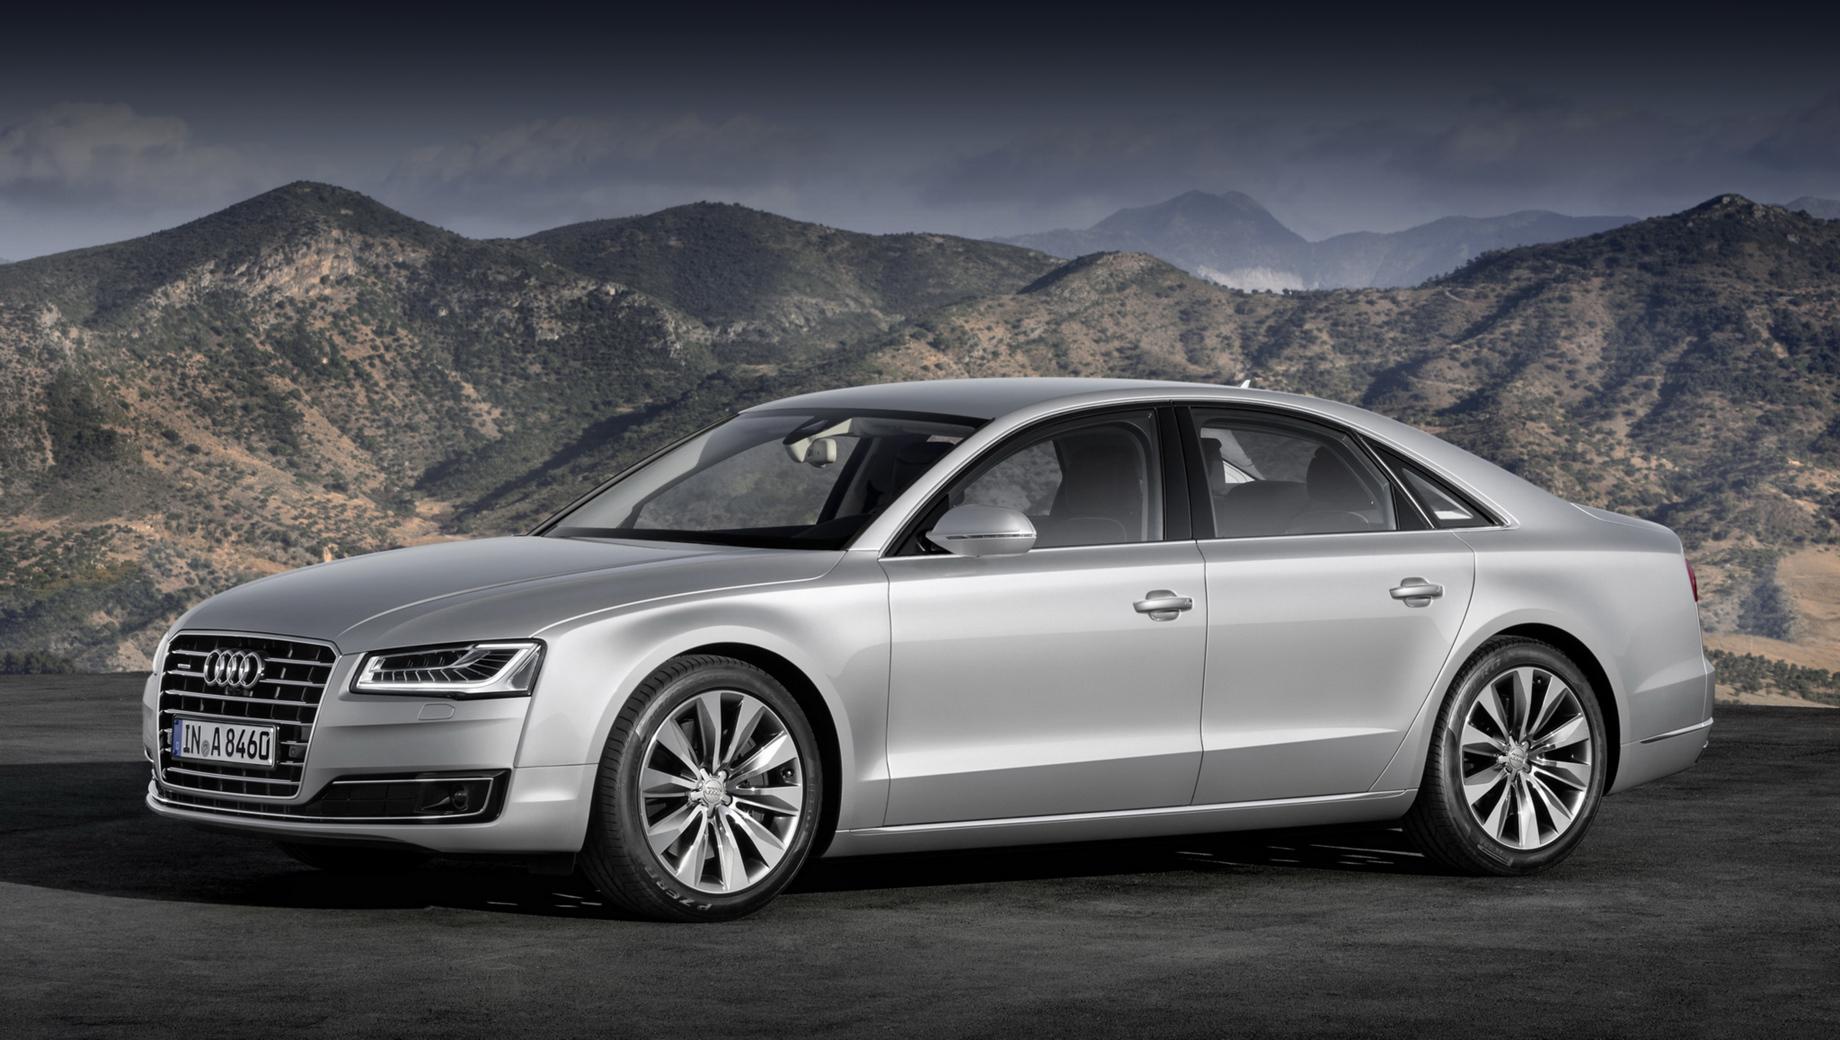 Audi a8,Audi s8. Проверить код VIN своей машины можно, воспользовавшись поиском или скачав список номеров со страницы Росстандарта.